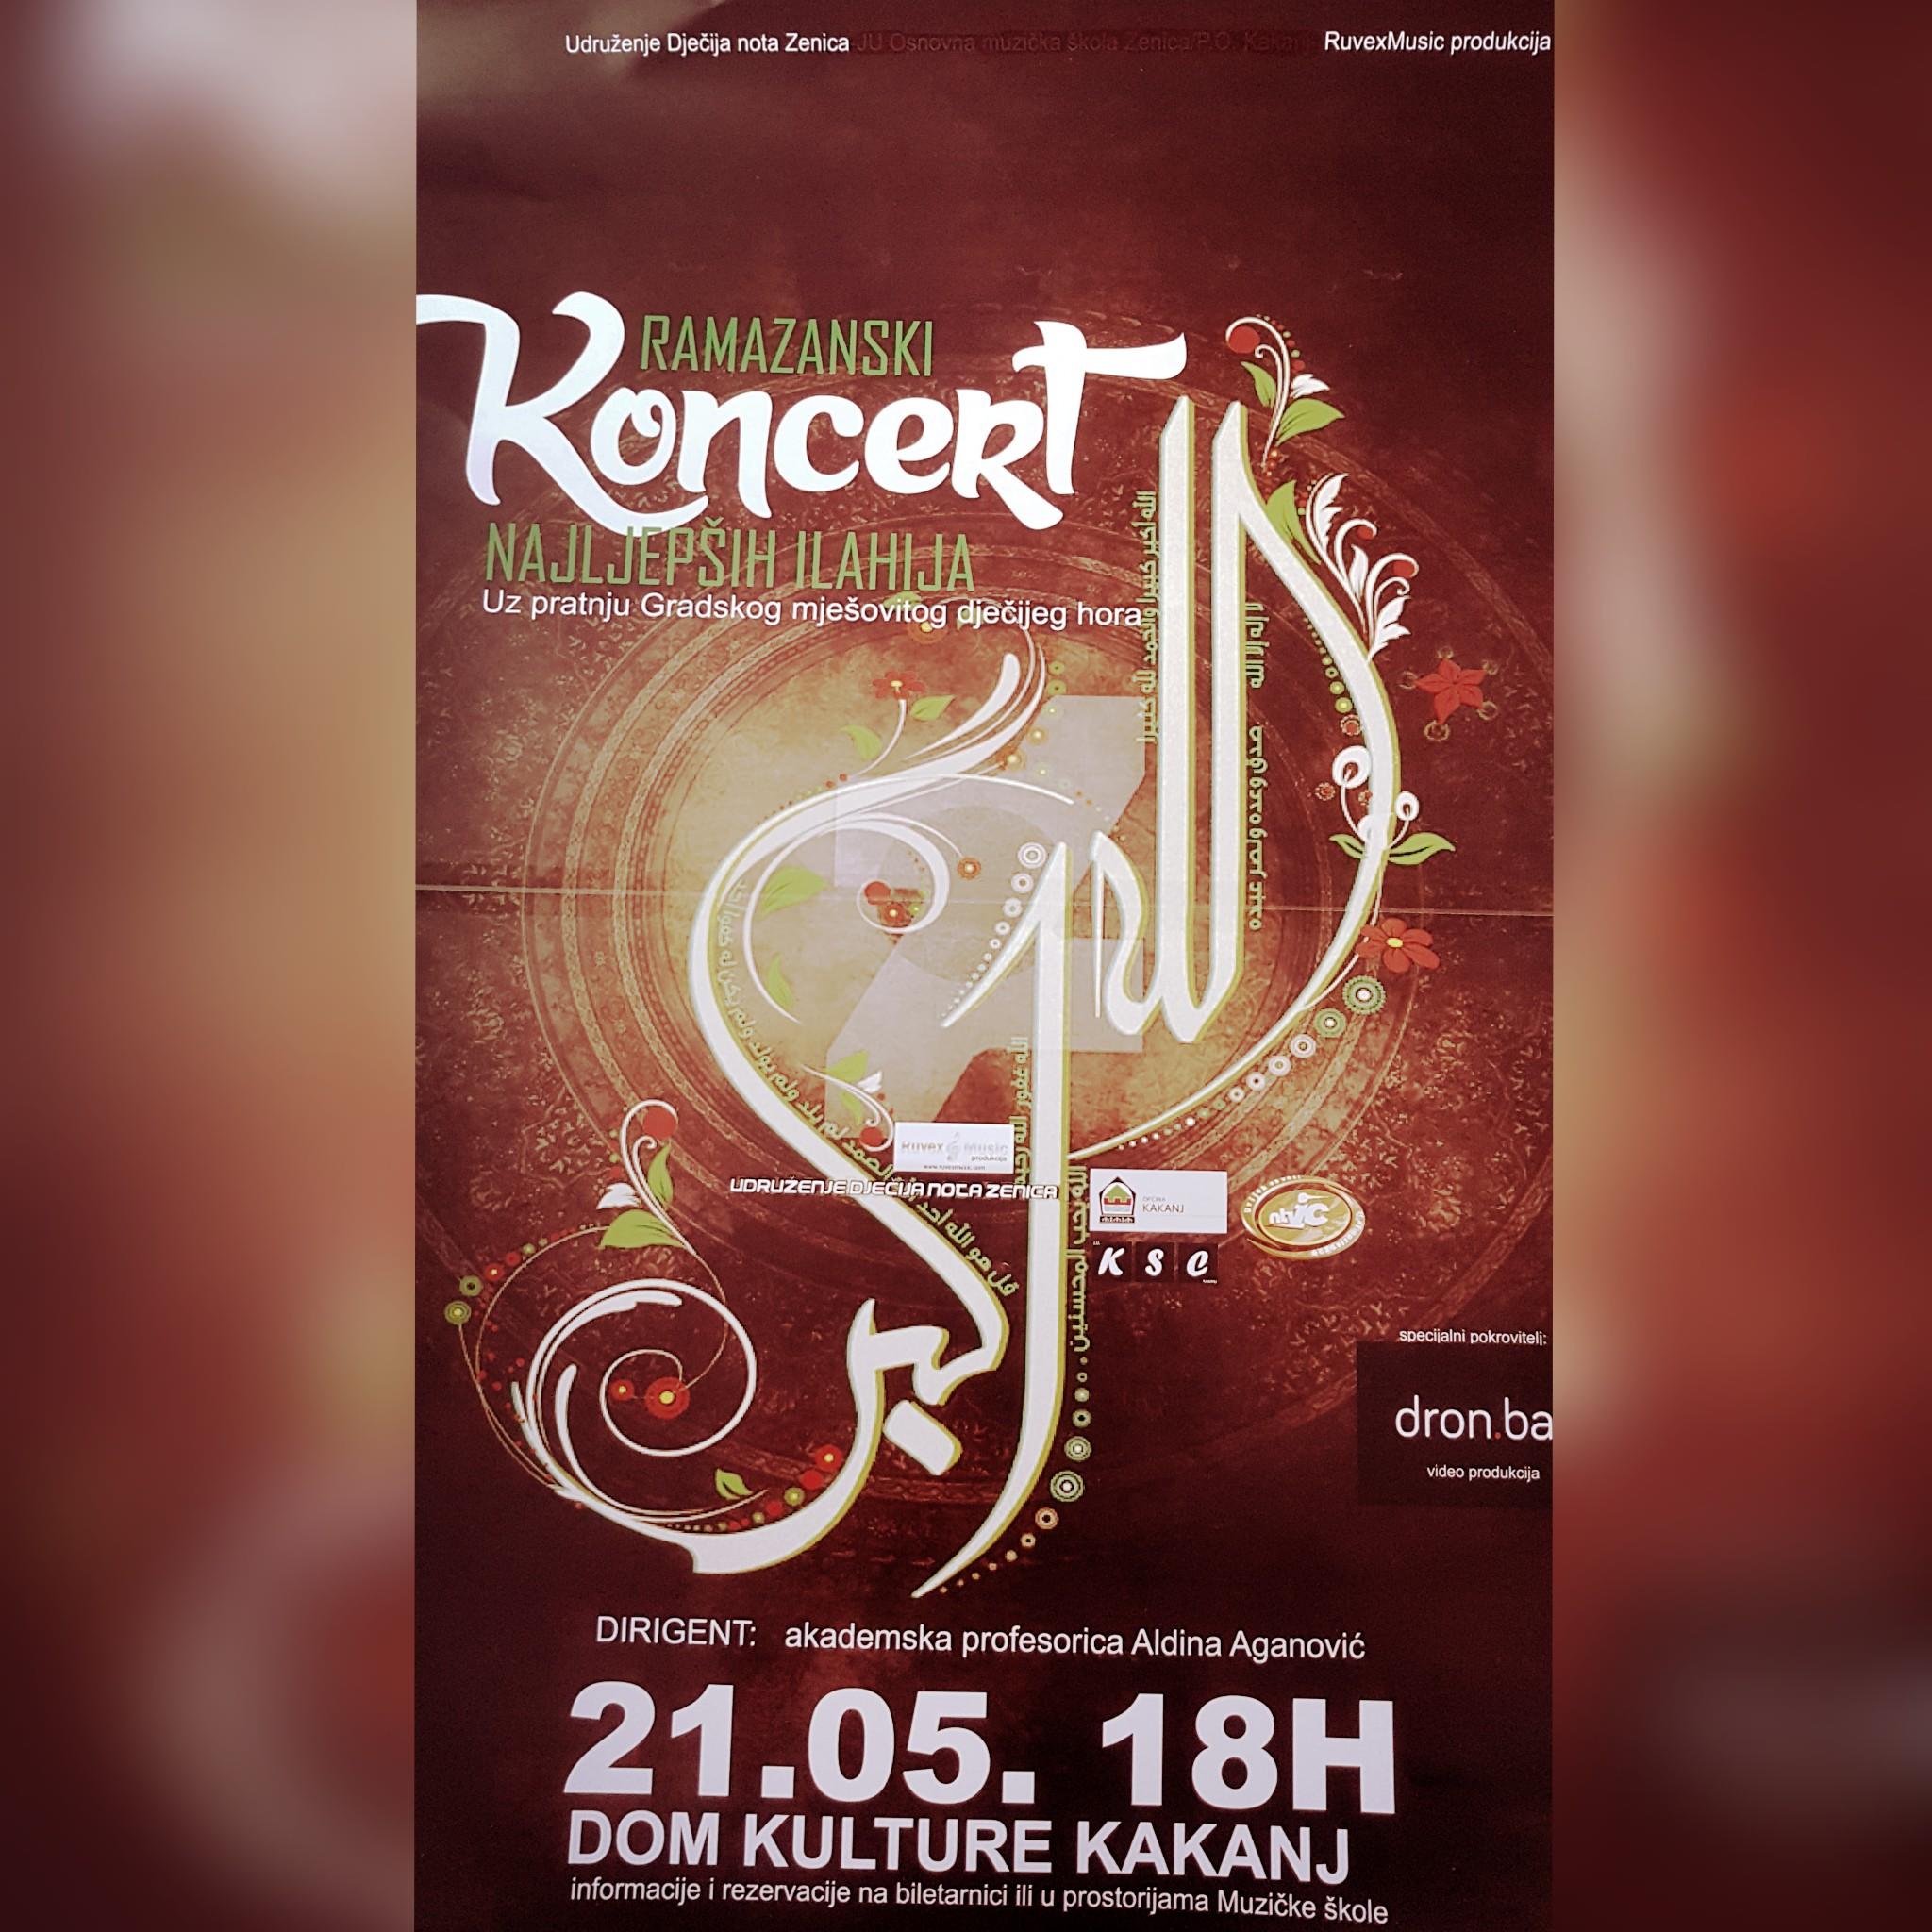 Ramazanski koncert najljepših ilahija u Domu kulture Kakanj